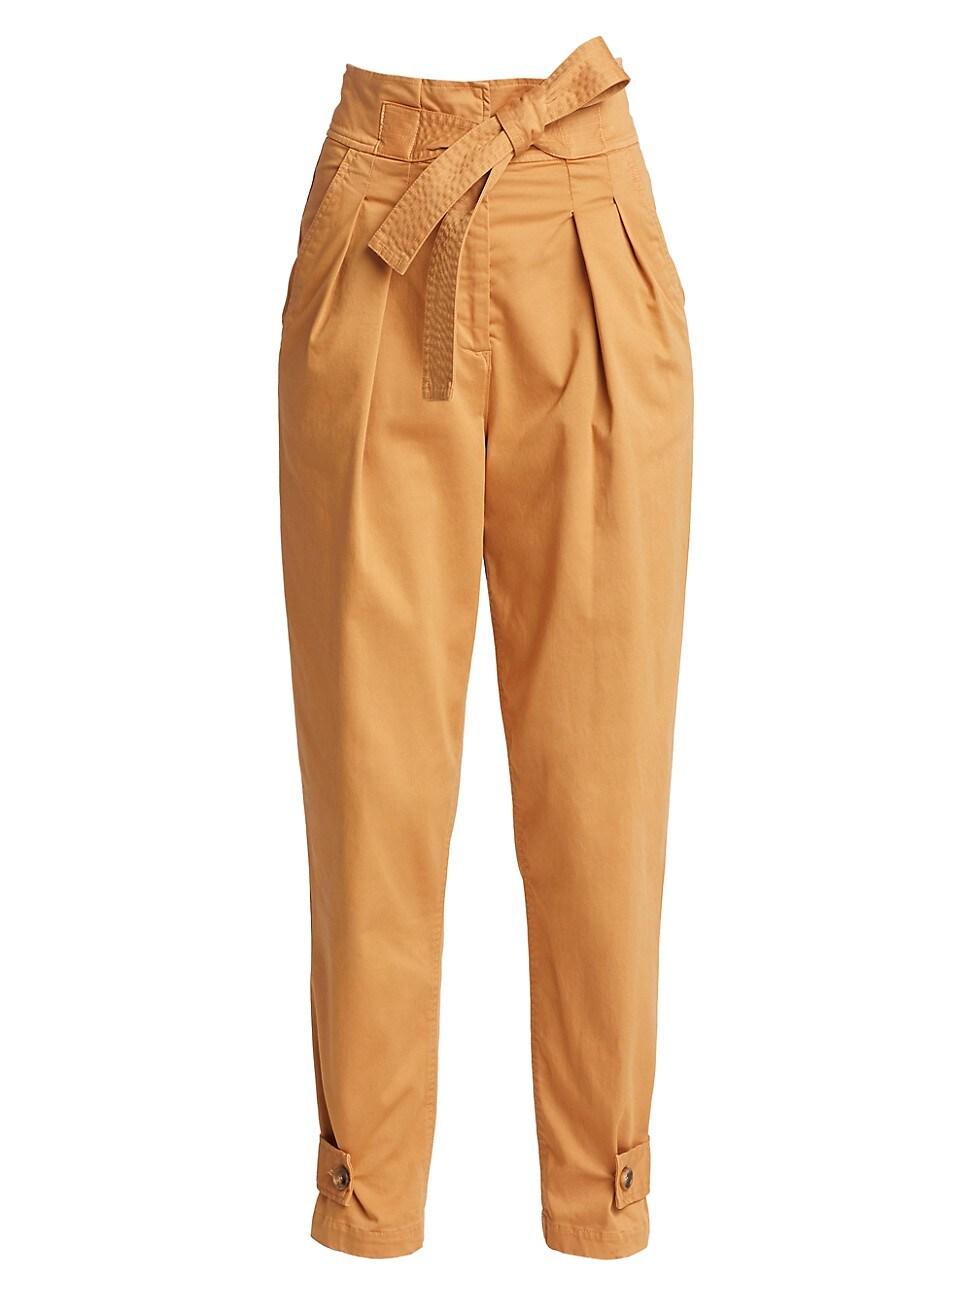 A.l.c WOMEN'S KAREY HIGH-RISE PANTS